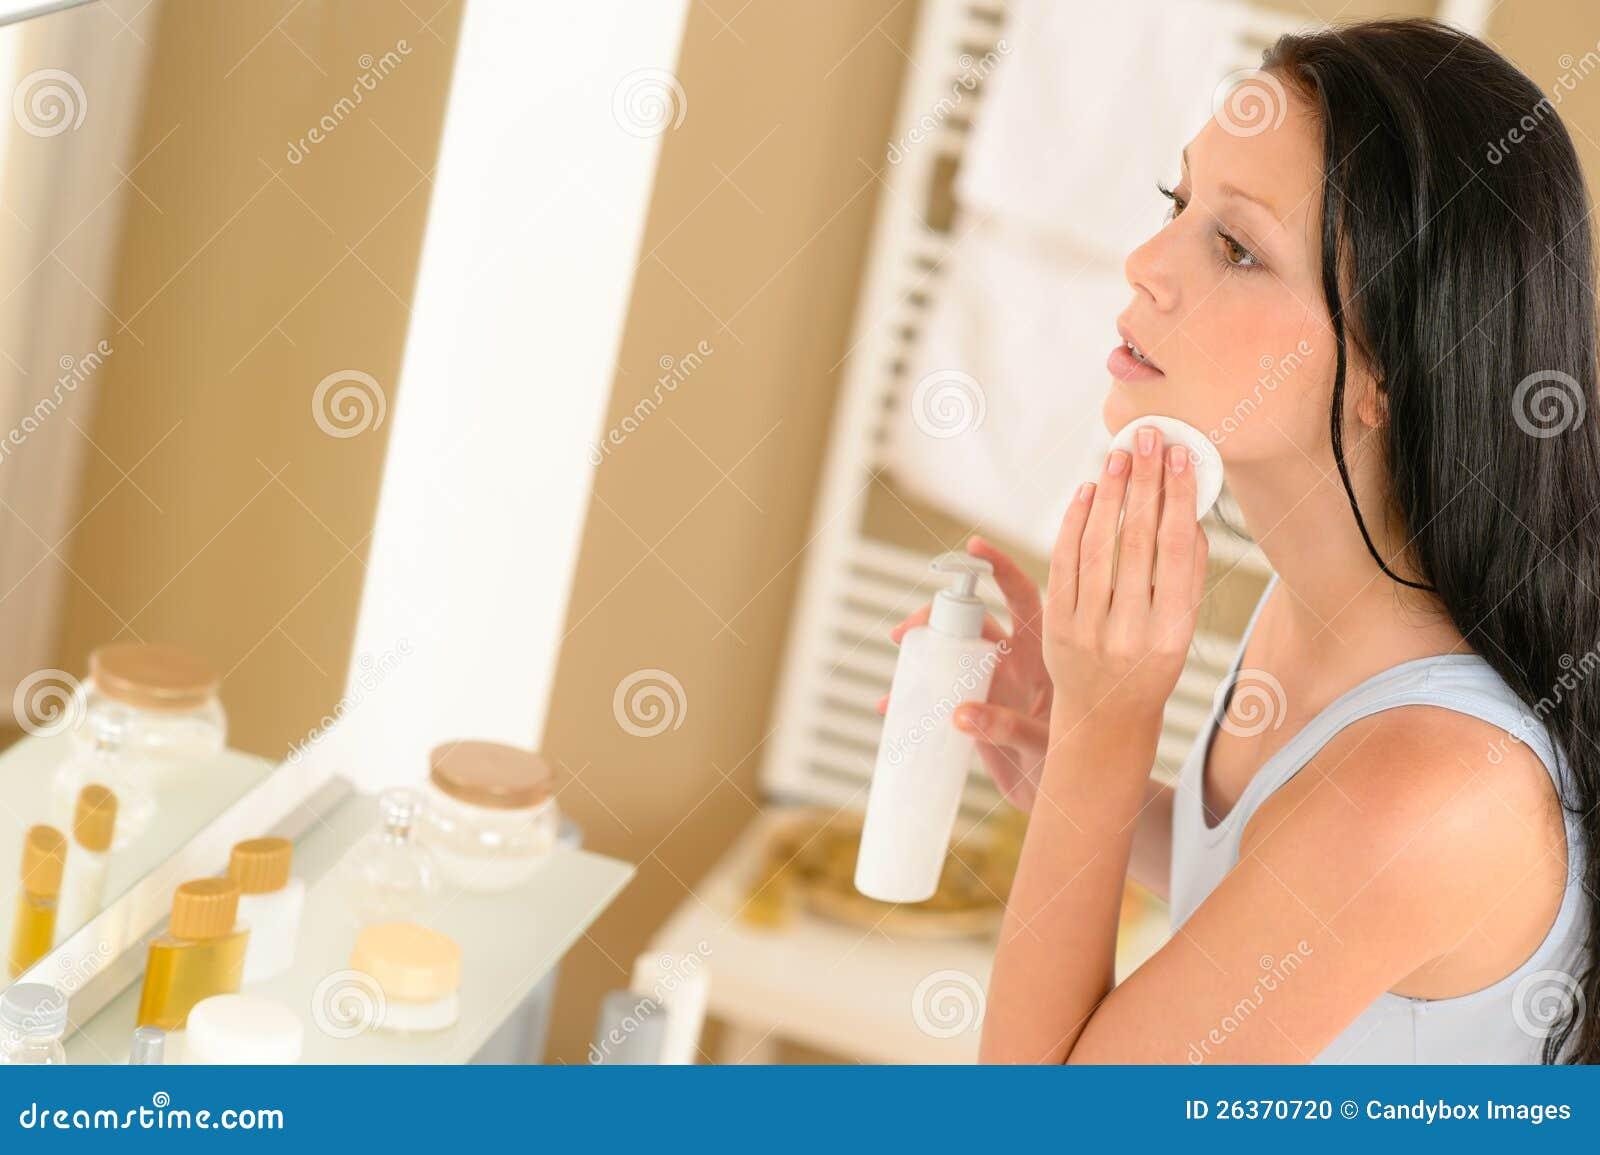 Gesichts-Verfassungsausbau des Badezimmers der jungen Frau sauberer